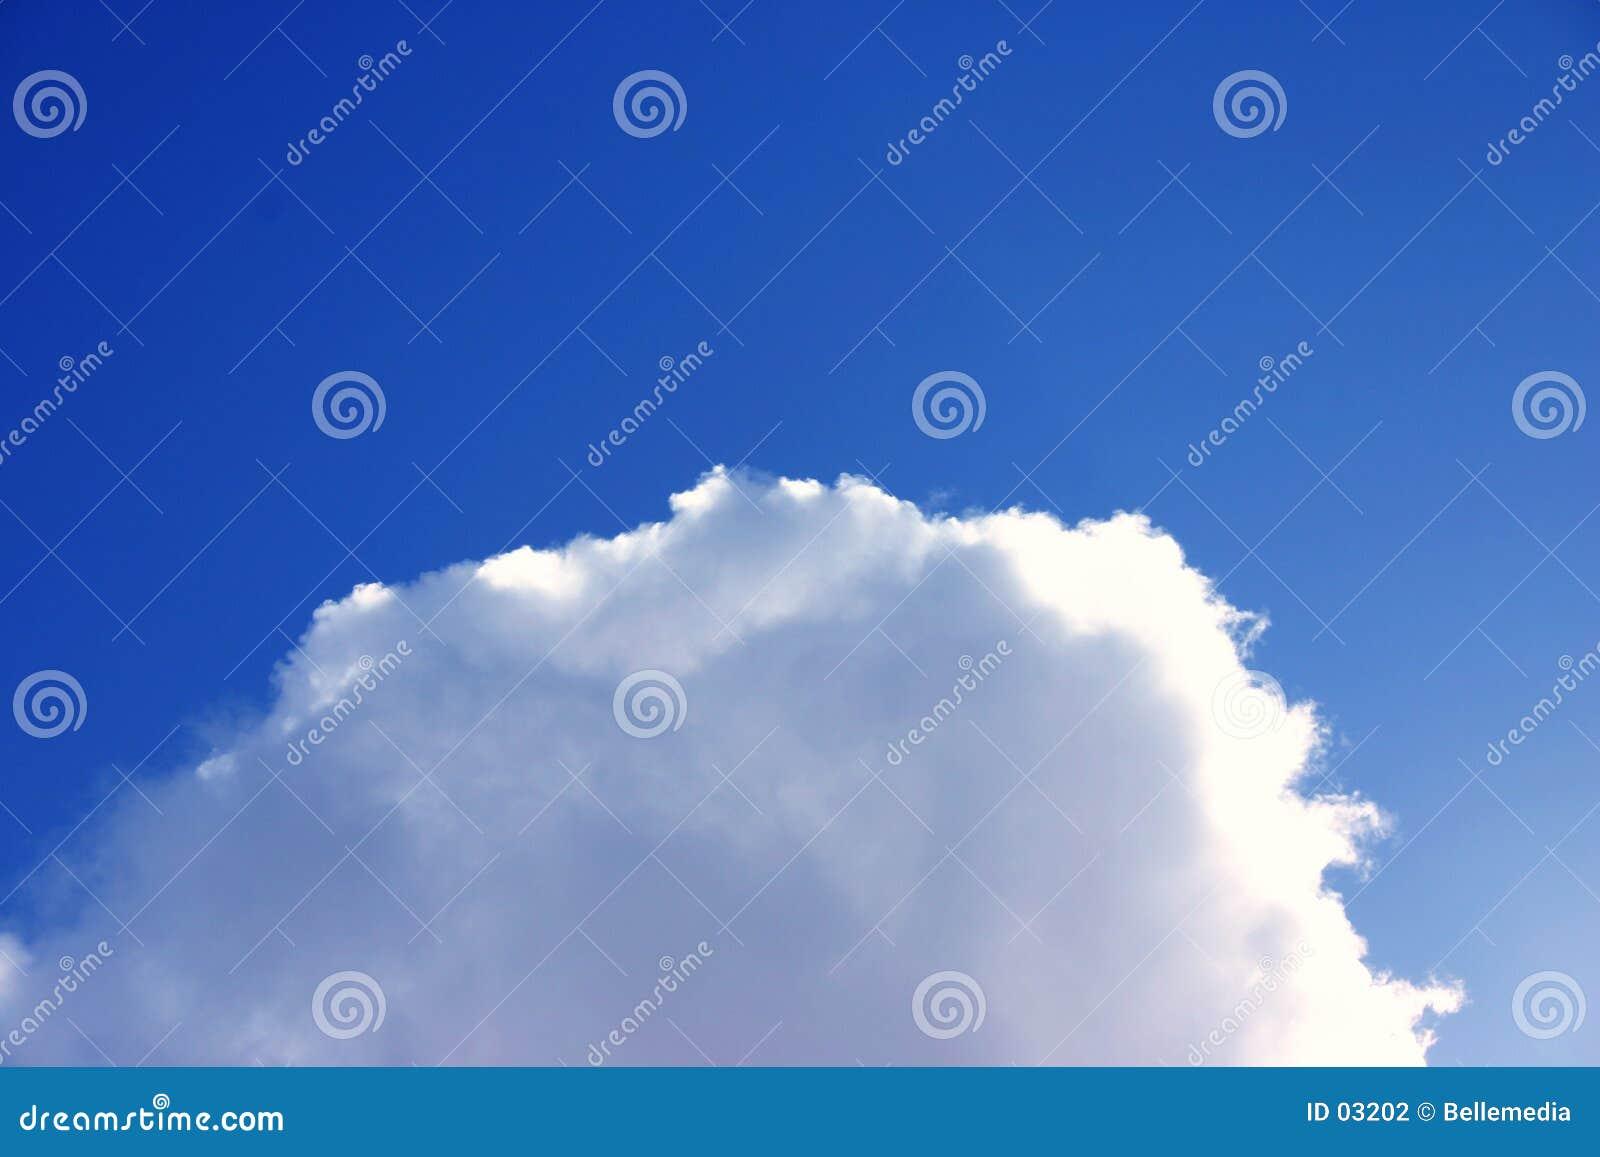 Rey de las nubes